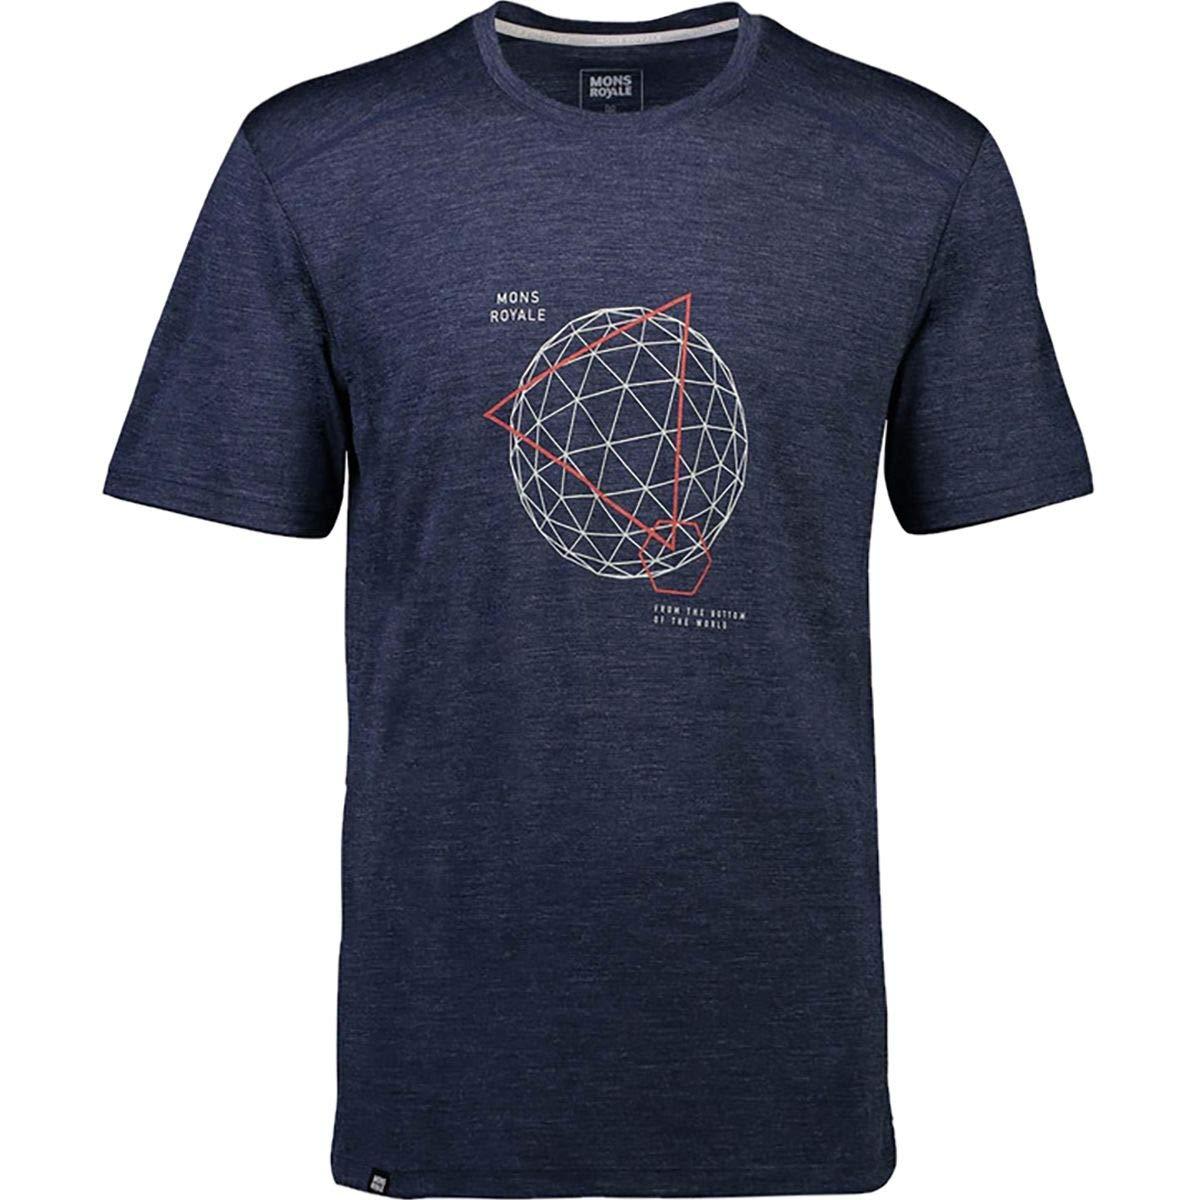 Mons Royale Herren Huxley Hike t-Shirt merinoshirt neu